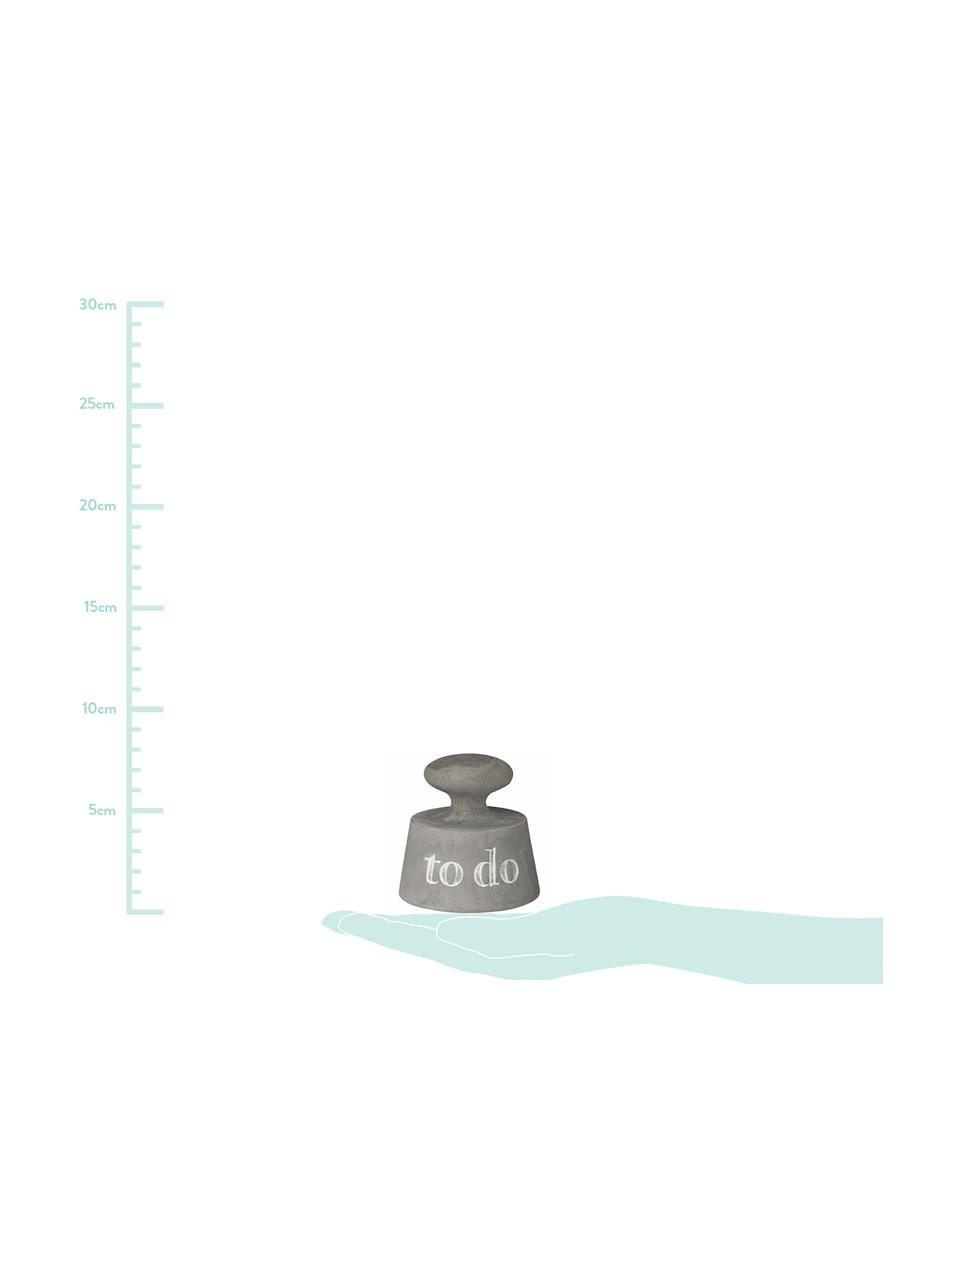 Presse-papier To Do, Beton, Grijs, Ø 8 x H 8 cm